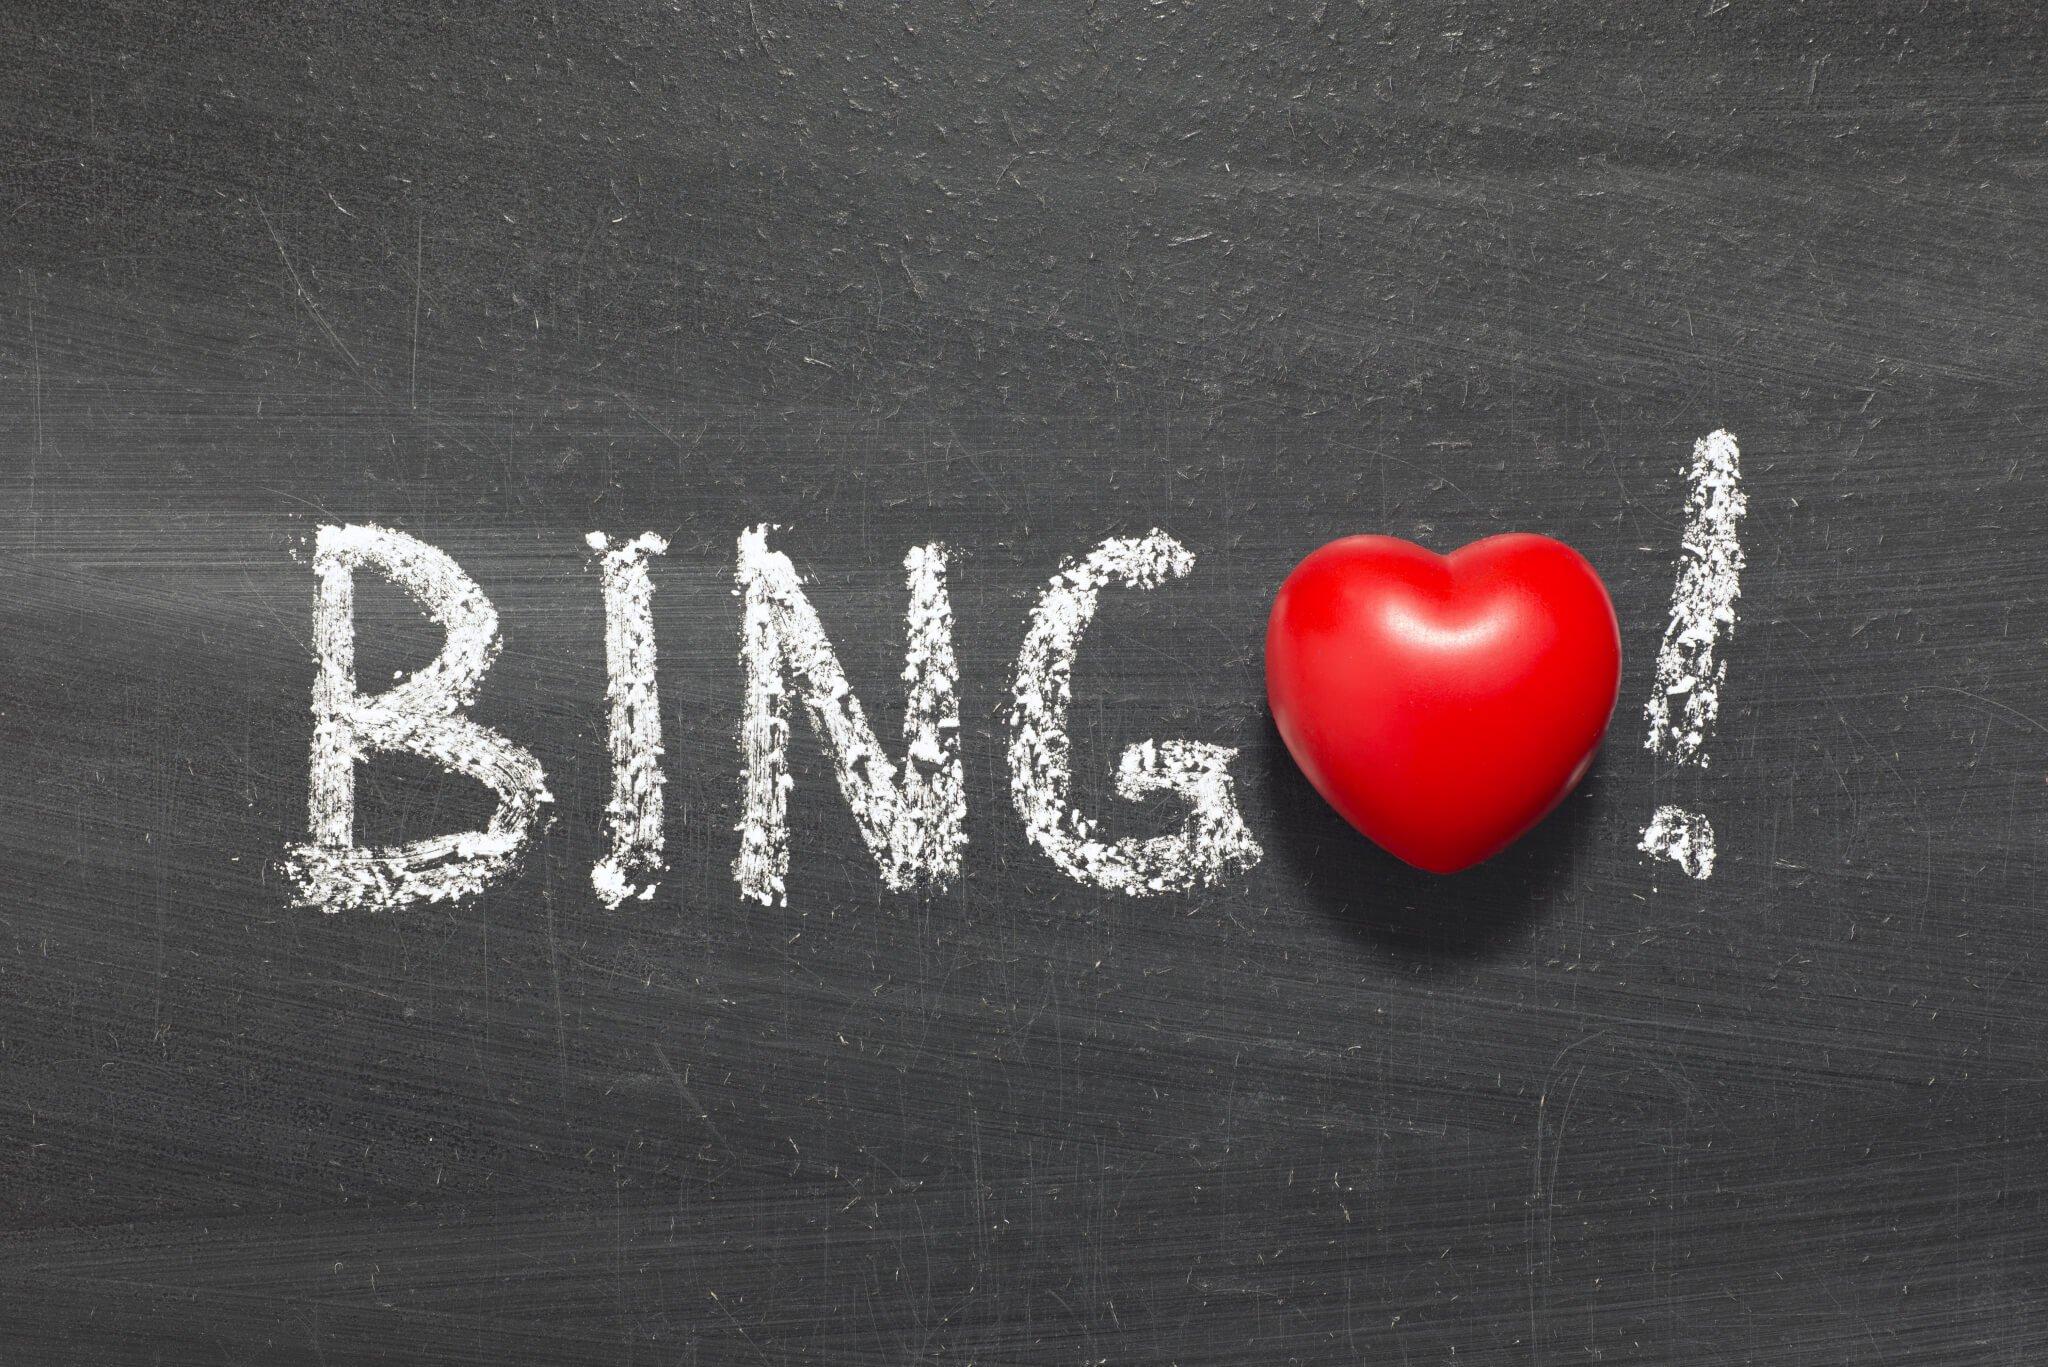 Référencement 2019 : Bing, un moteur de recherche de plus en plus performant ?